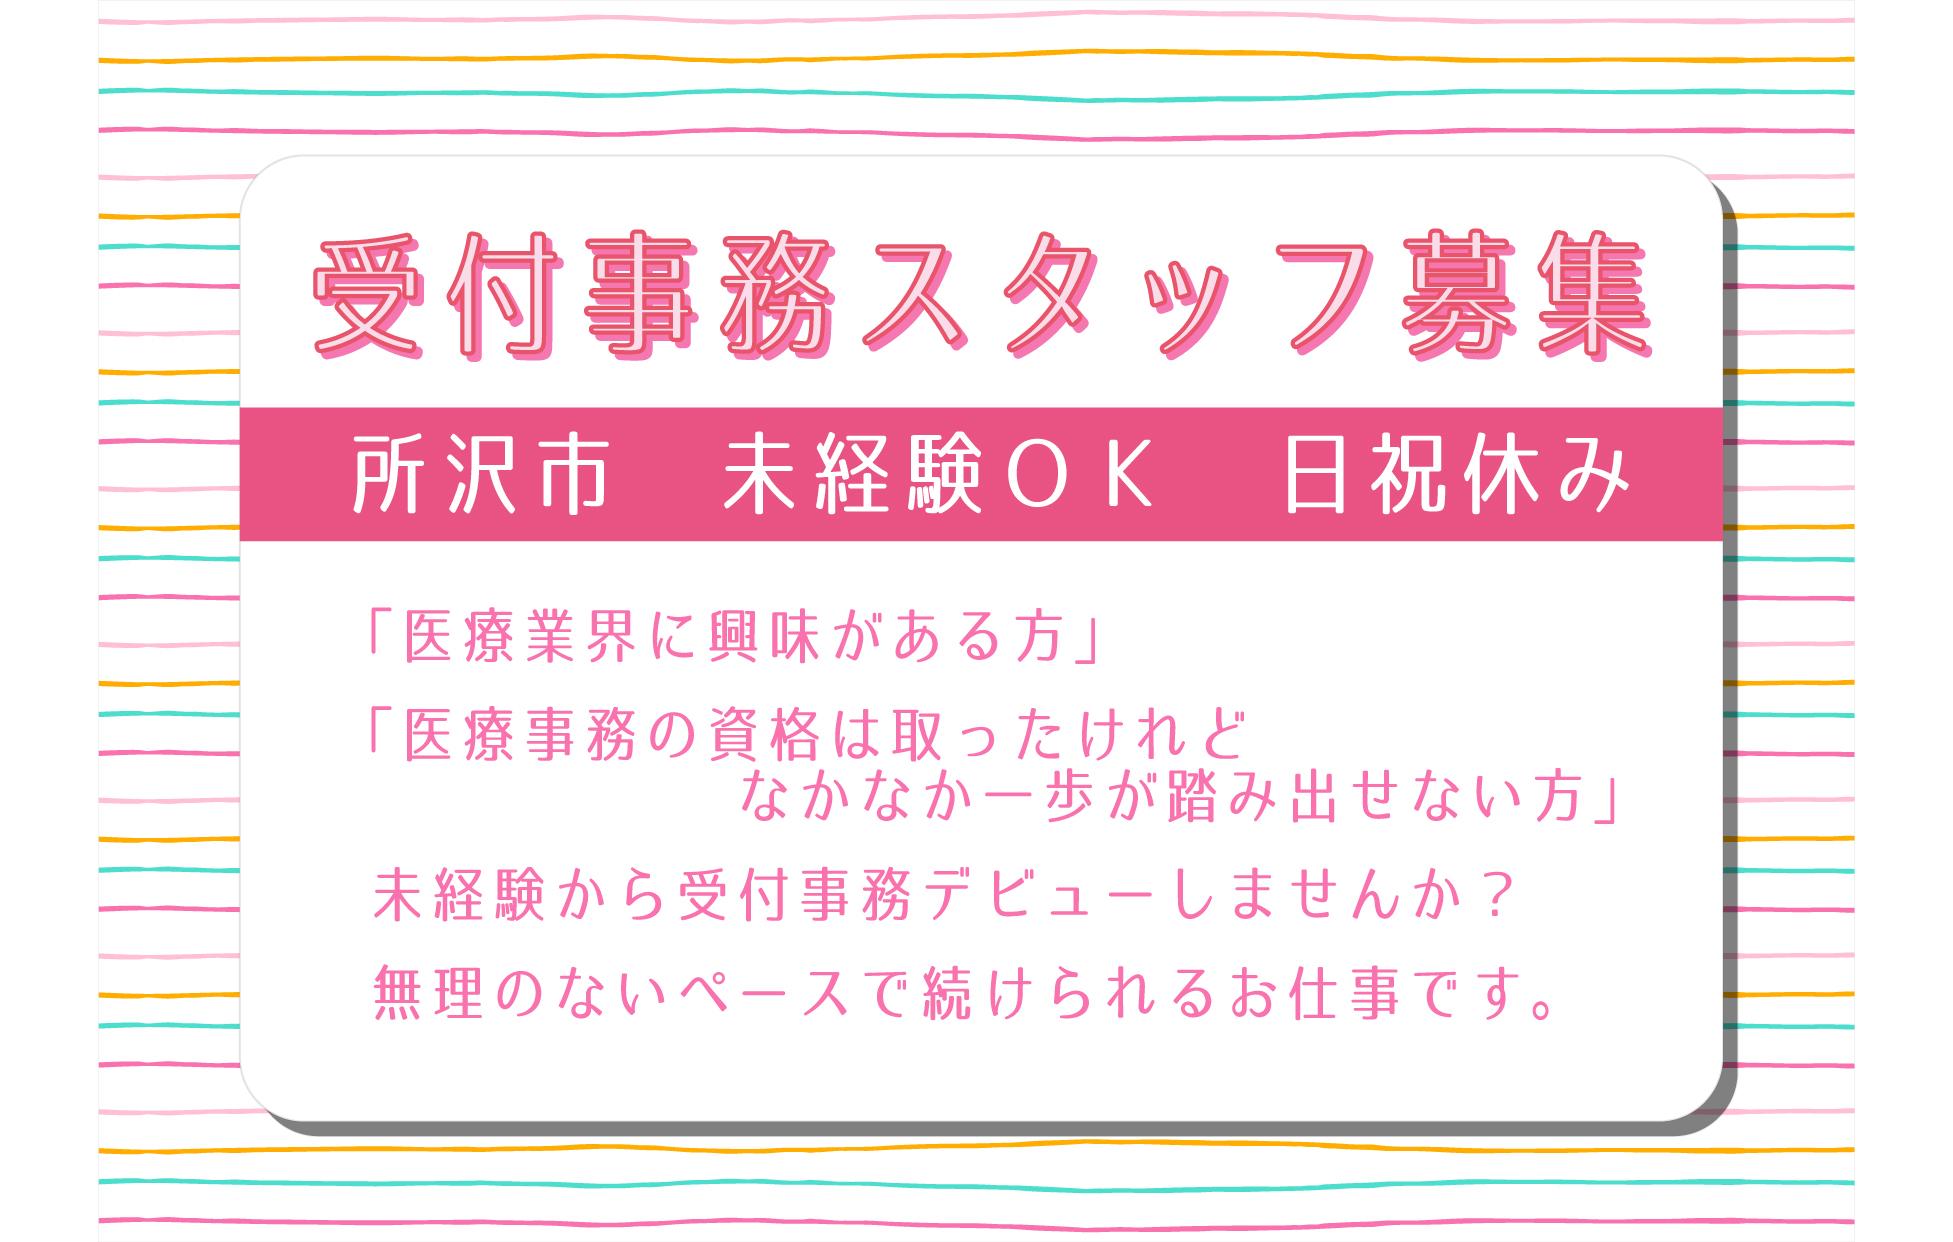 【所沢駅徒歩5分】フルタイム★病院での受付事務のお仕事★未経験OK イメージ